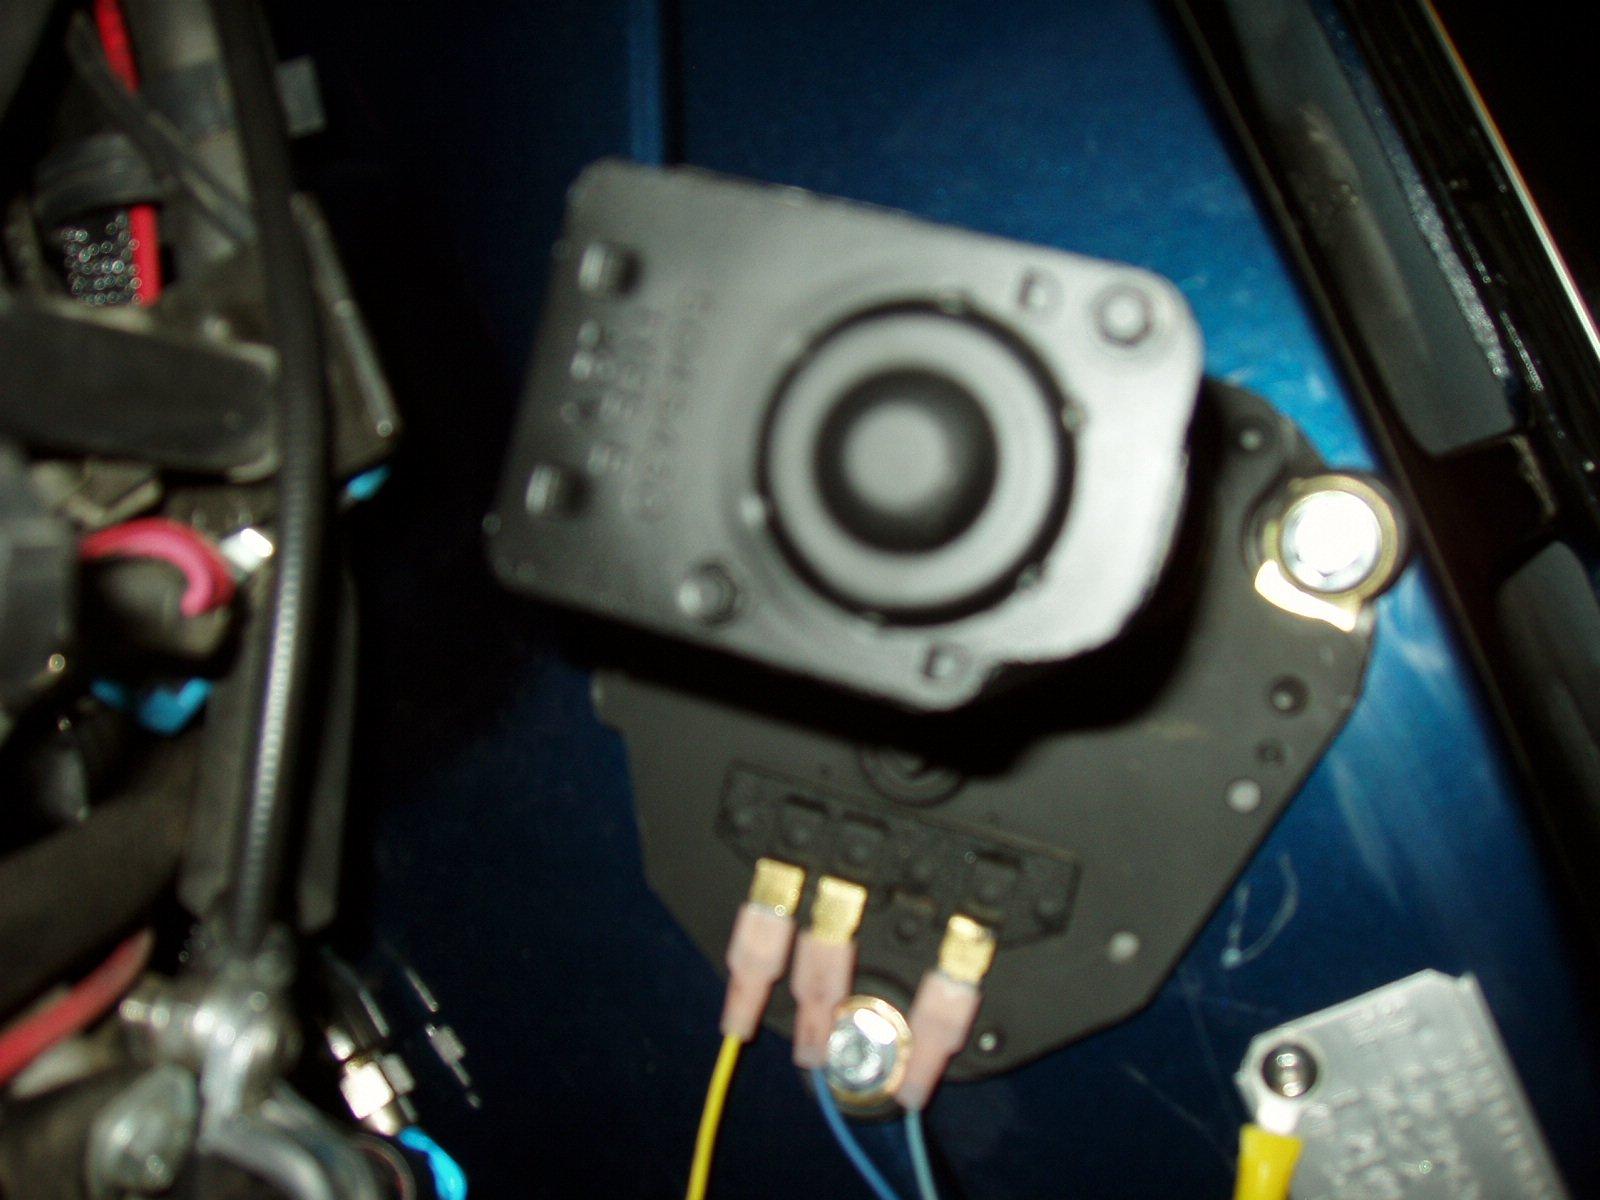 Awe Inspiring Wiper Motor Wiring Diagram For 68 Camaro Basic Electronics Wiring Wiring Cloud Cranvenetmohammedshrineorg